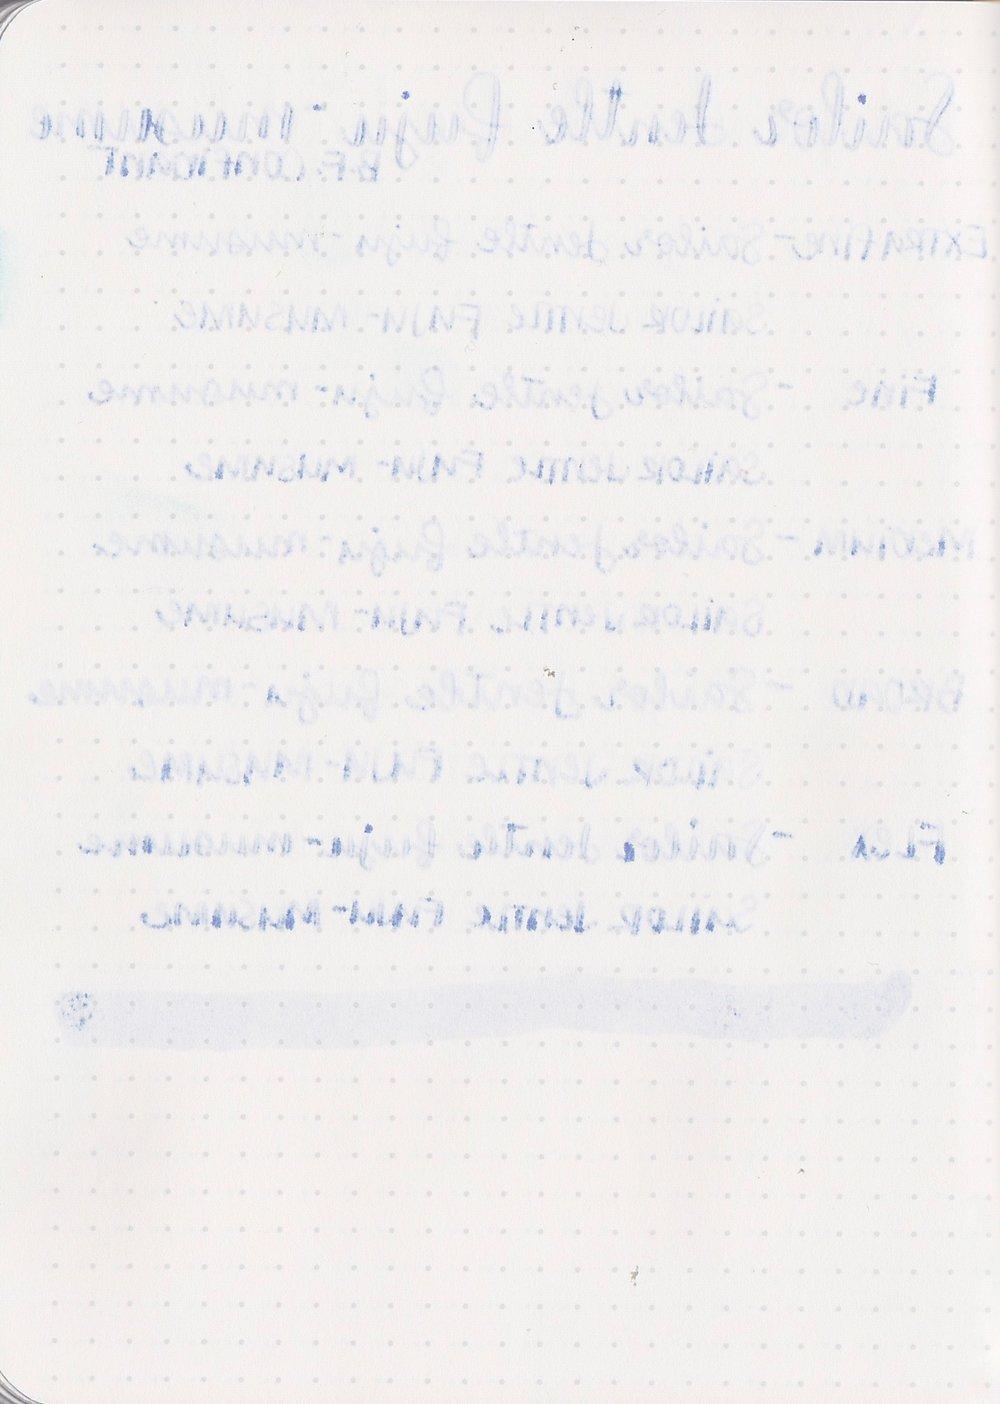 SCN_0087.jpg